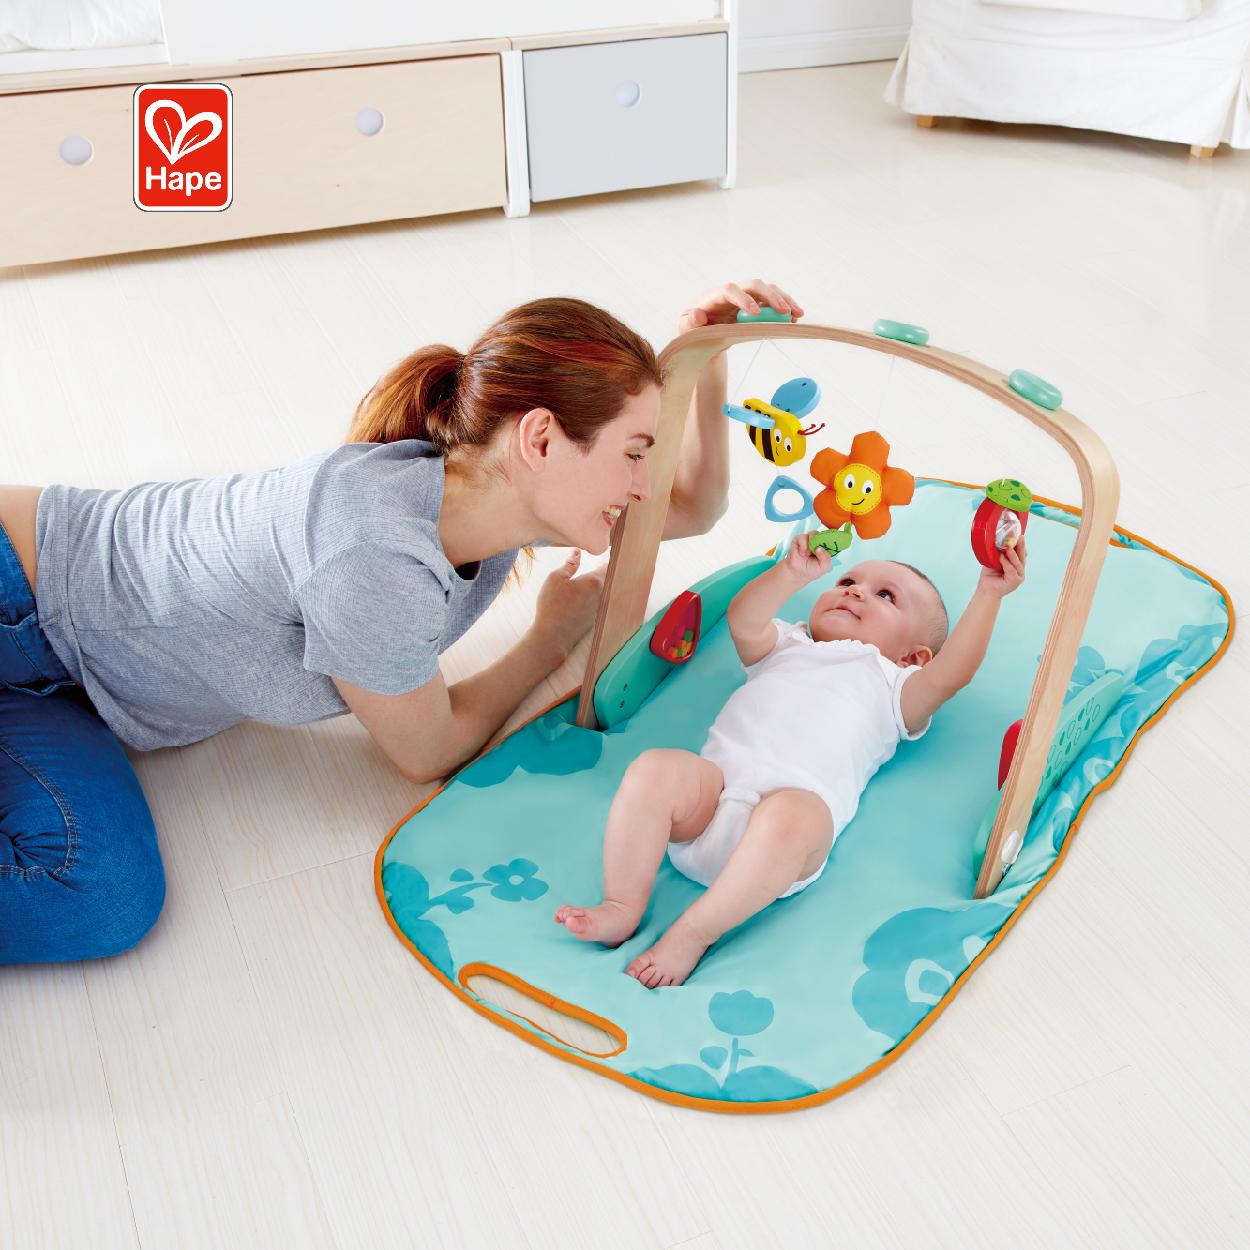 Многофункциональная сумка для новорожденных, Детский ковер для раннего обучения, портативный деревянный игровой коврик с подвесным колокольчиком